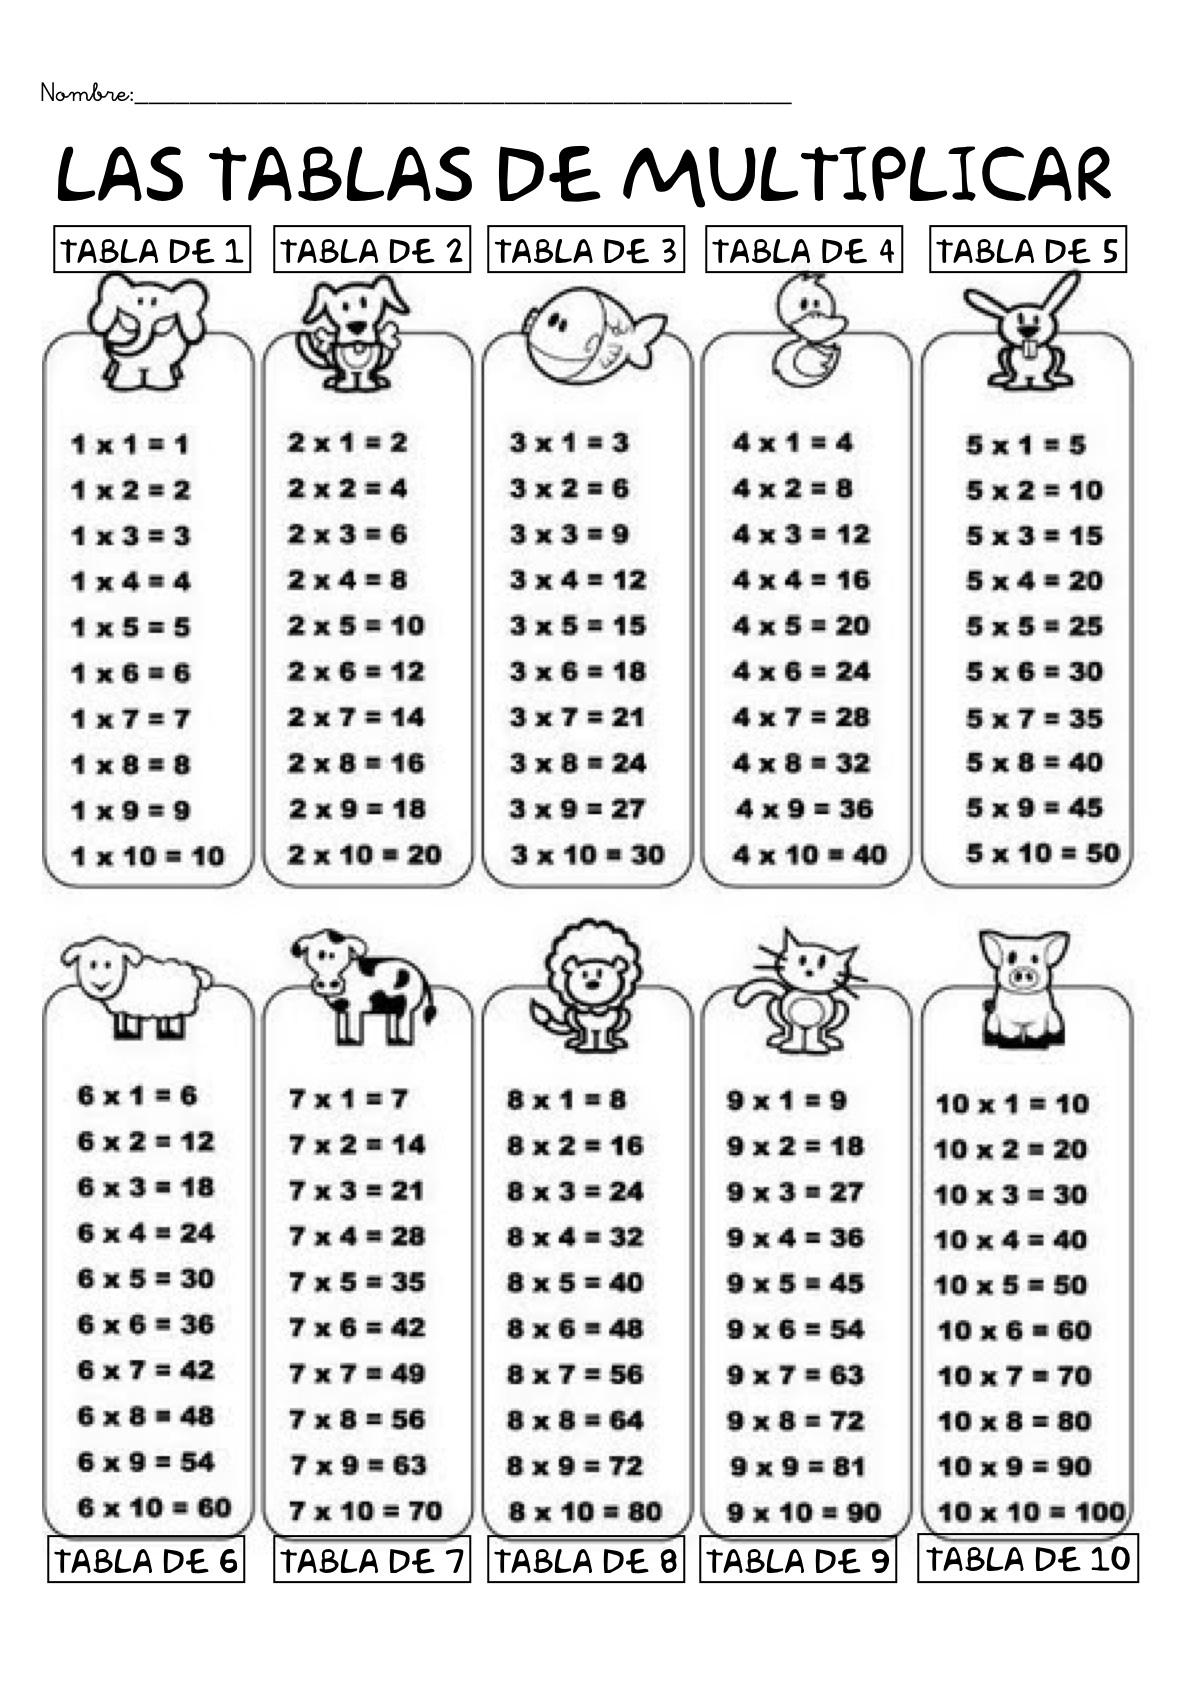 tablas de multiplicar para niños canciones